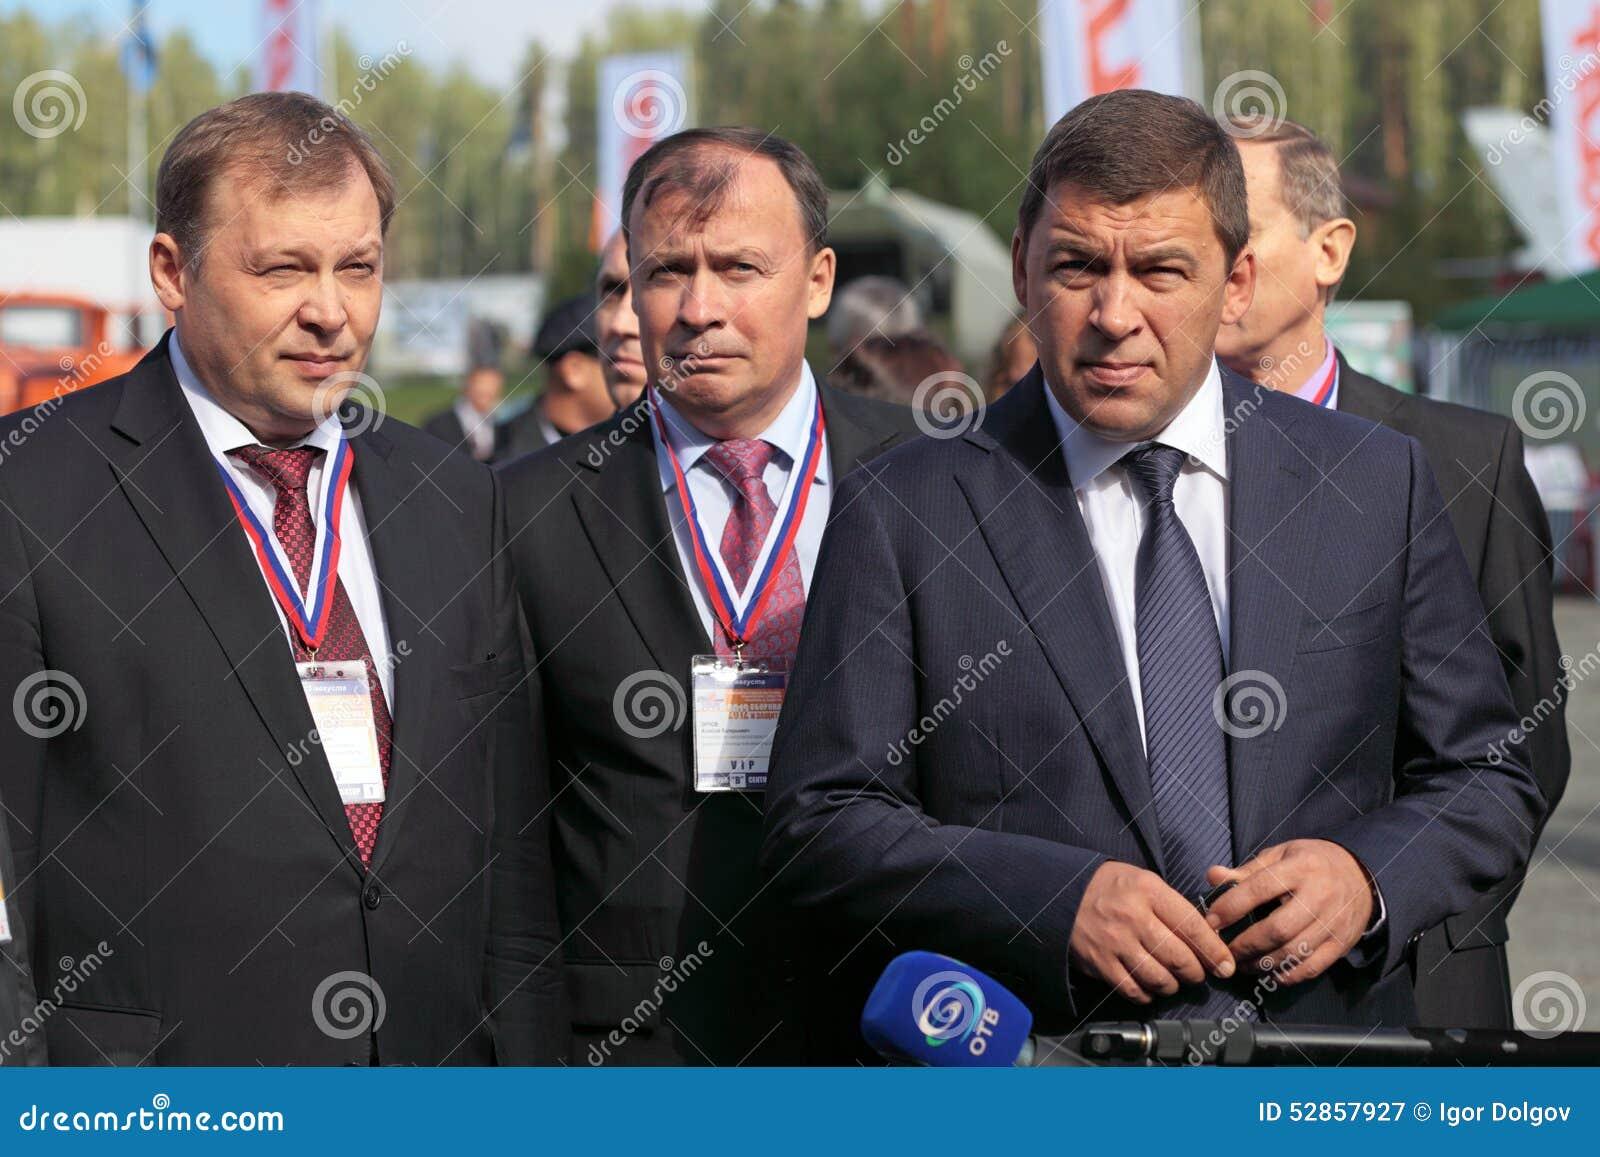 Evgeny Kuyvashev today 96